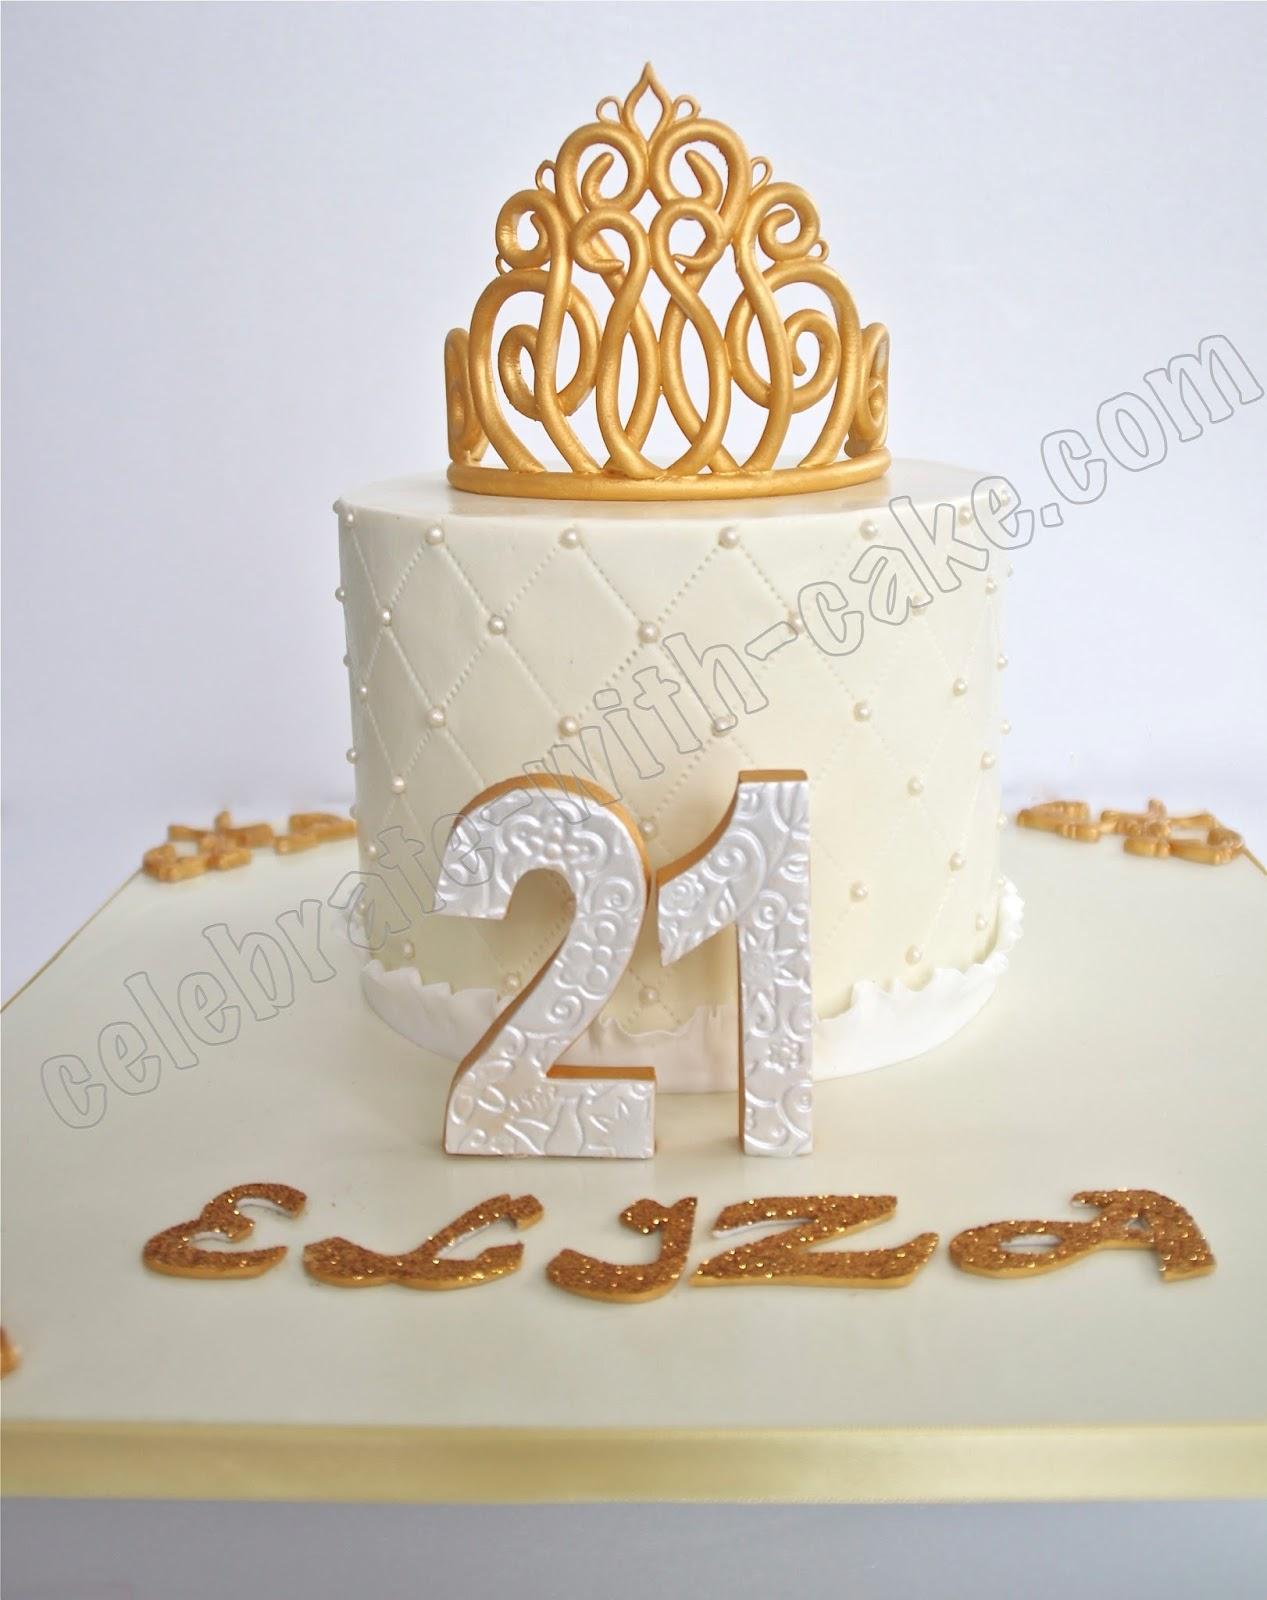 Celebrate With Cake 21st Birthday Princess Tiara Cake